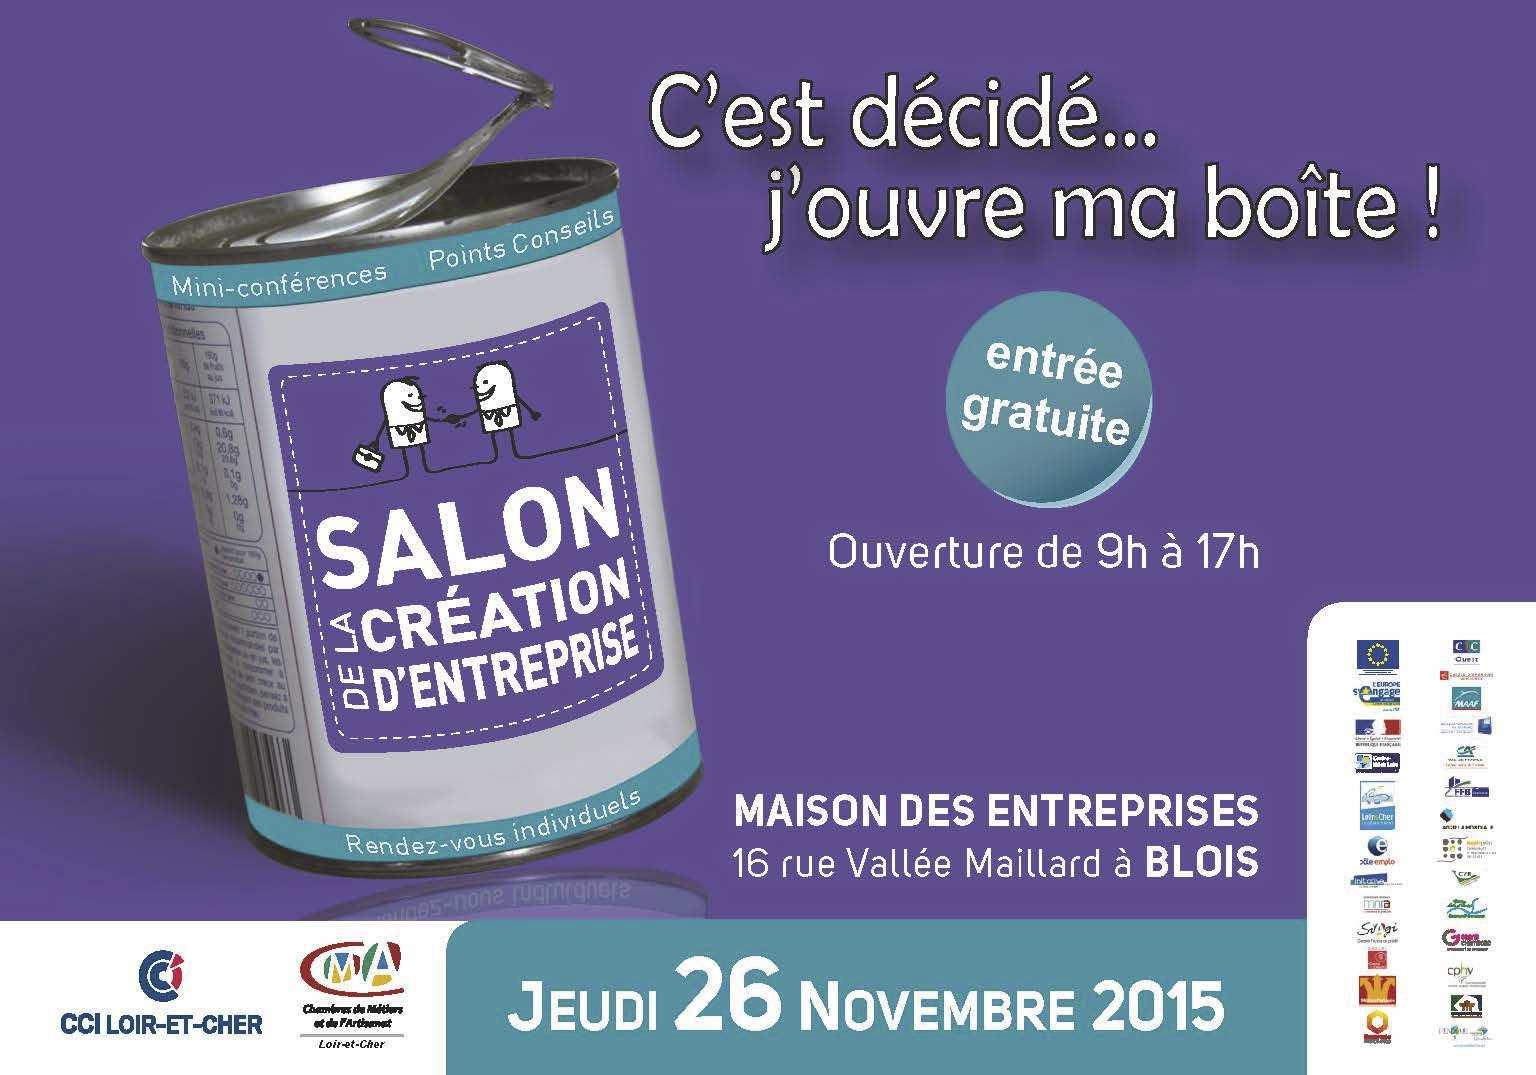 Salon de la cr ation d 39 entreprise agglopolys communaut for Salon creation entreprise